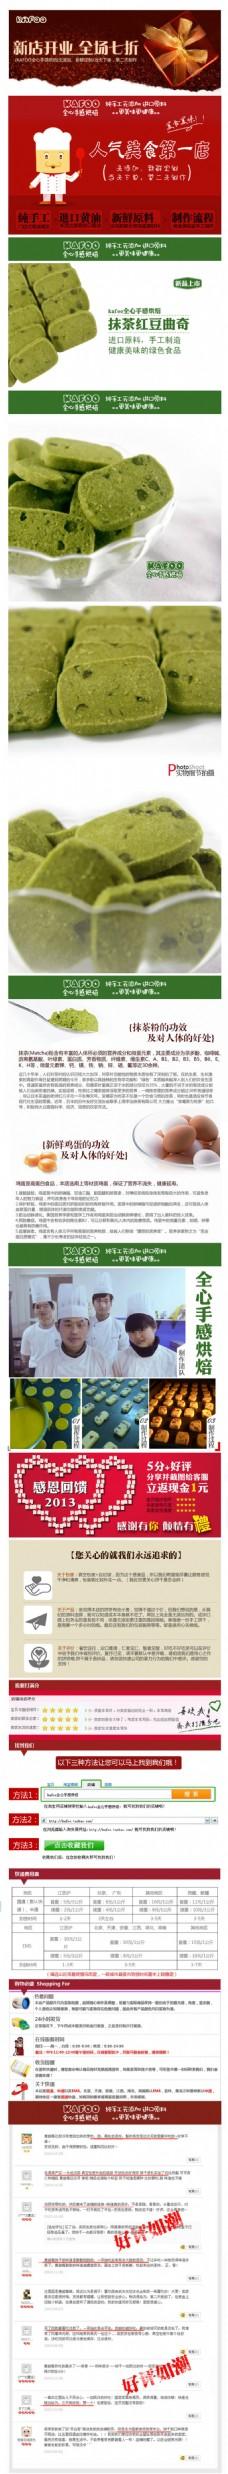 淘宝电商食品茶饮详情页psd平面